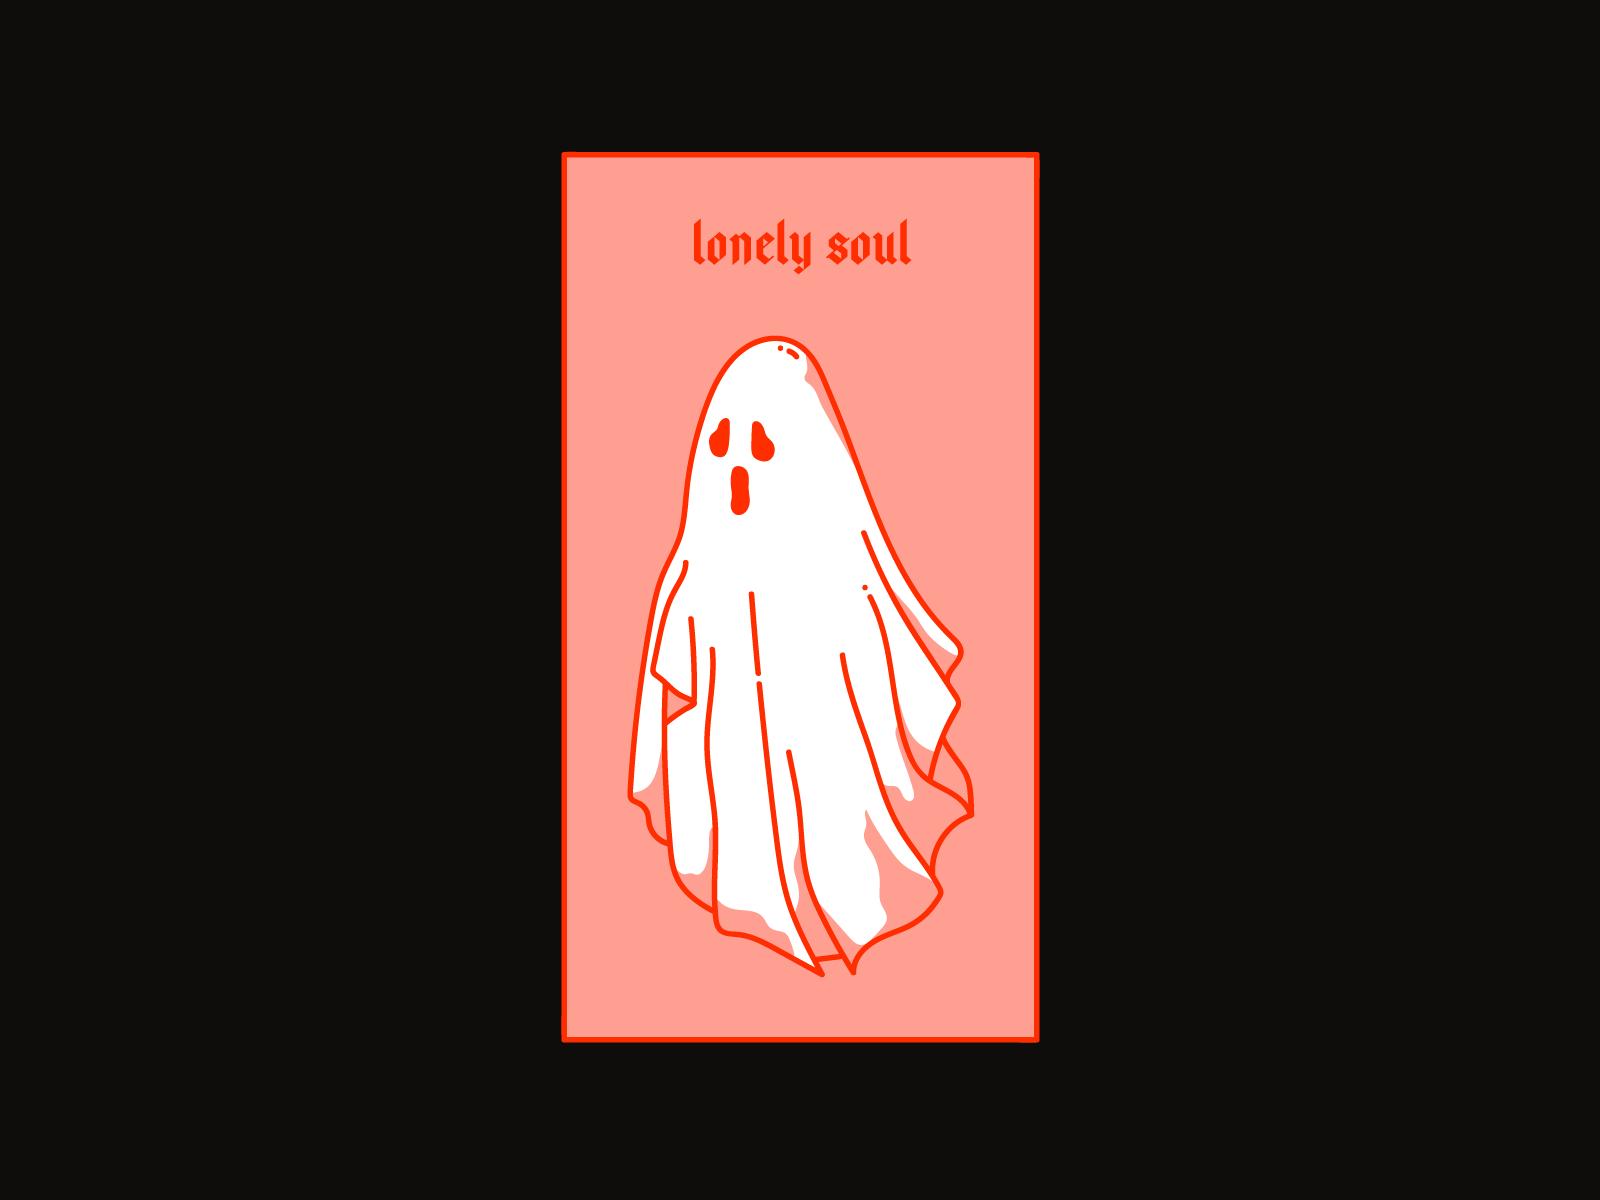 Dr spooktober lonelysoul 01